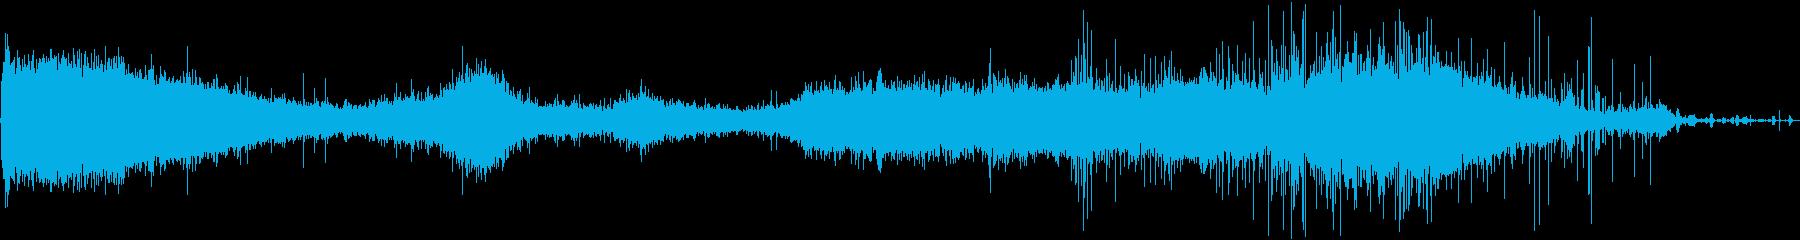 ホットドライシズルスペースフォース...の再生済みの波形